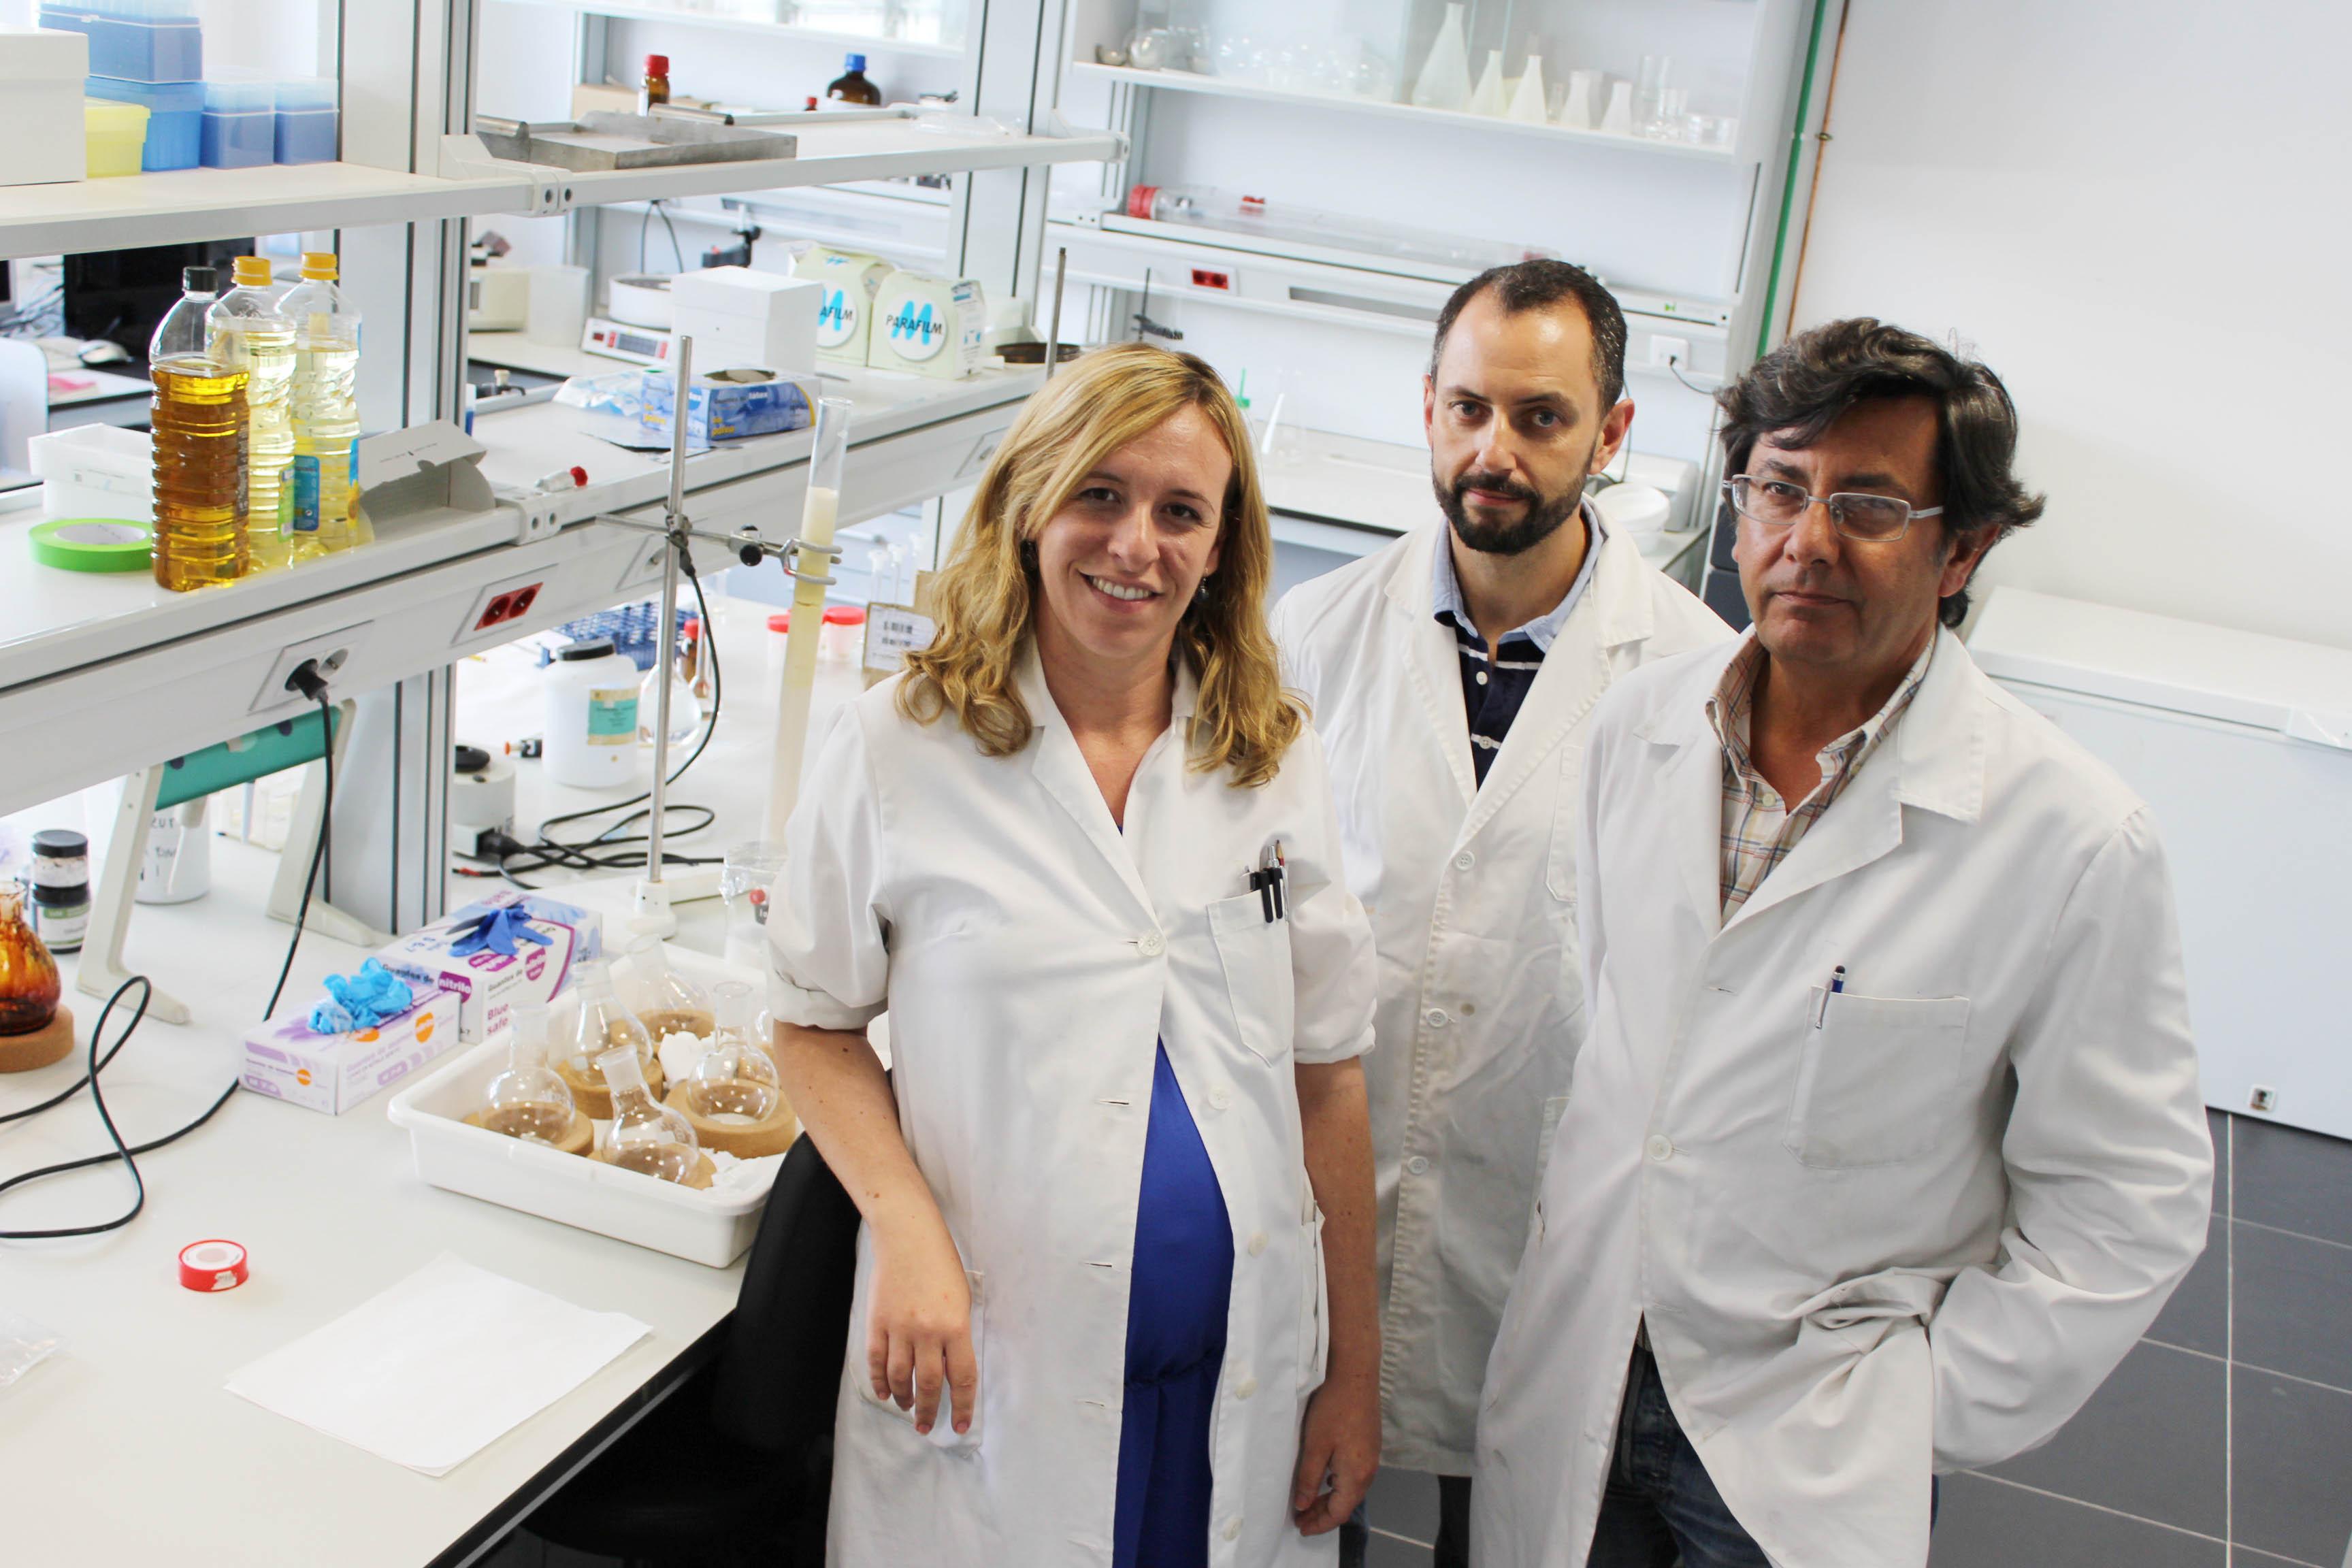 Identifican Una Nueva Molcula Bioactiva En Un Residuo De La Extraccin Aceite Oliva Noticias Sinc